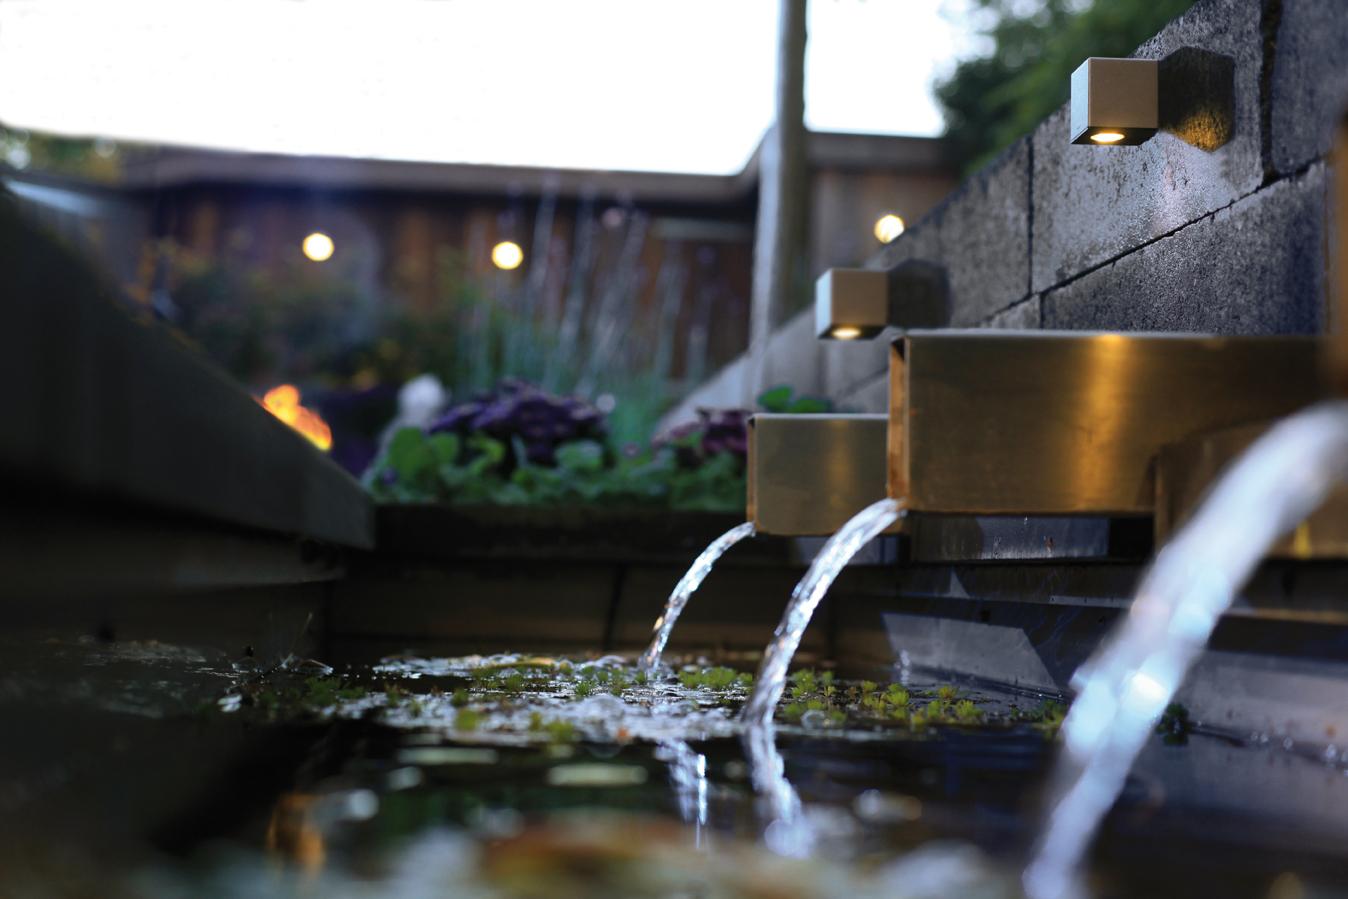 In-Lite tuinverlichting brengt warmte in uw tuin